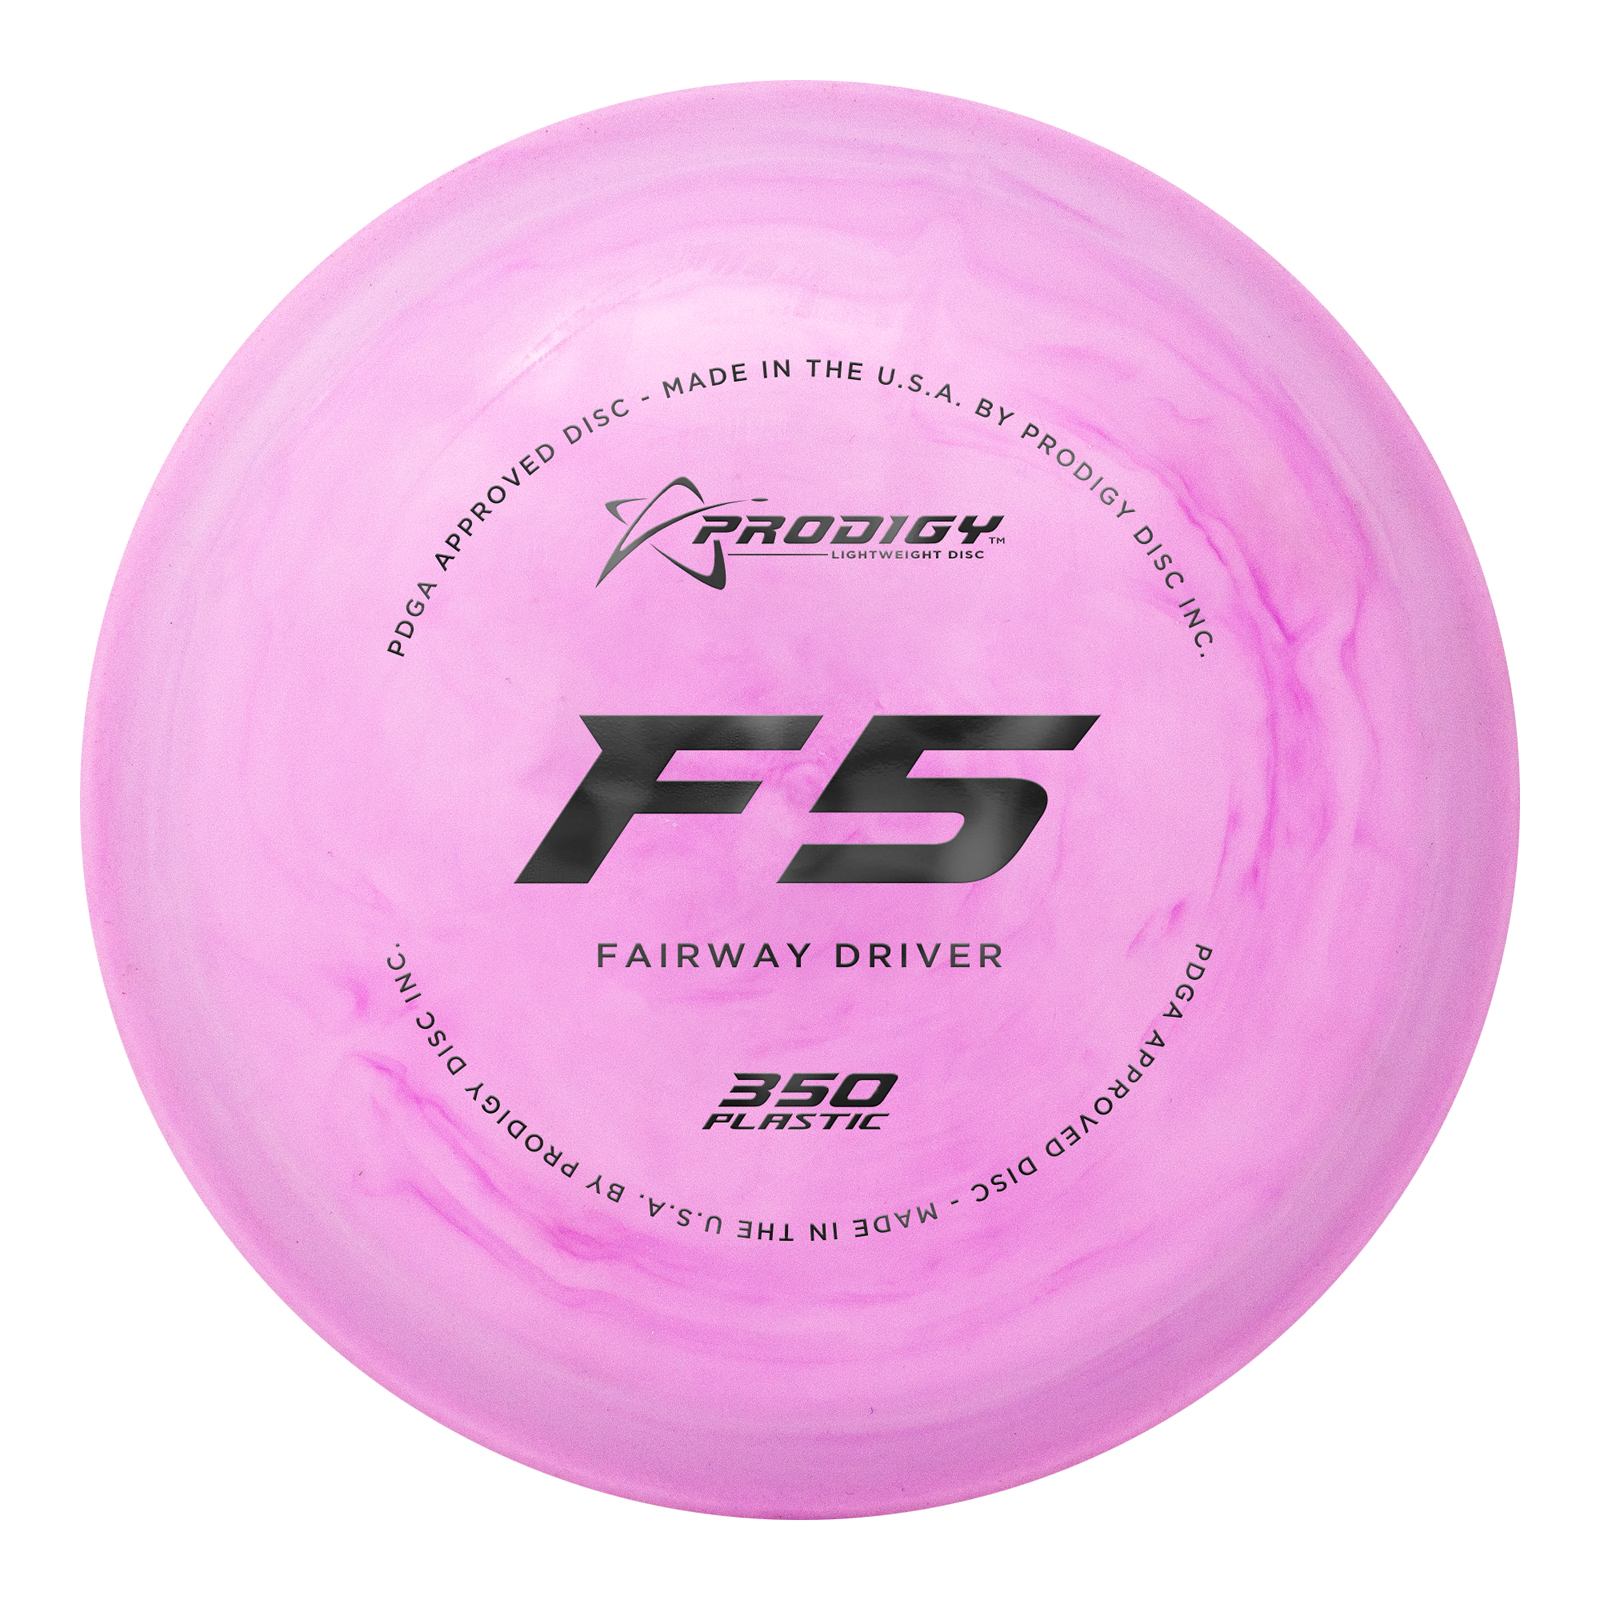 F5 - 300 PLASTIC